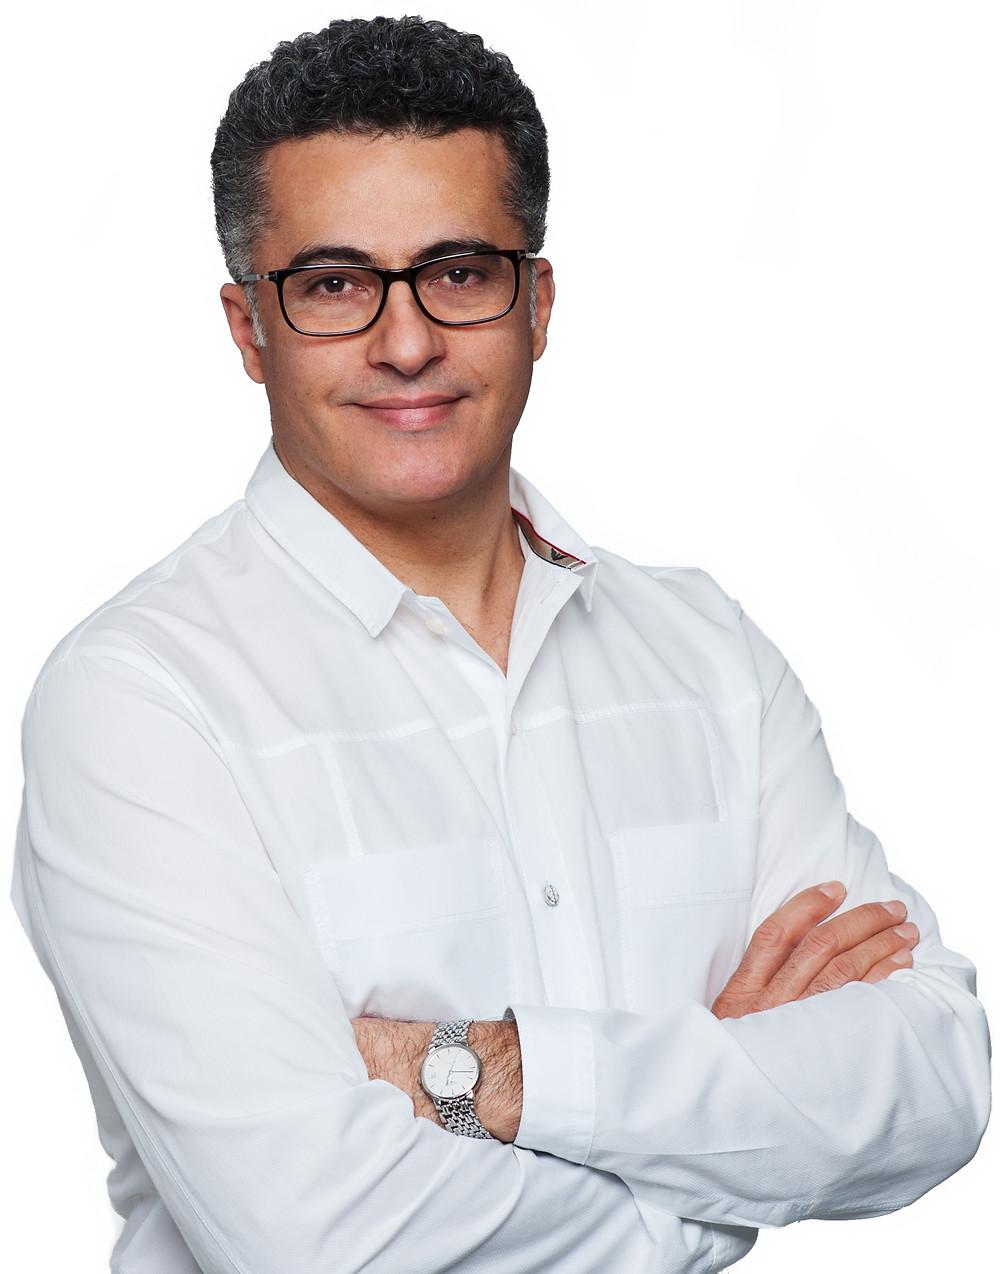 Marwan Saifi